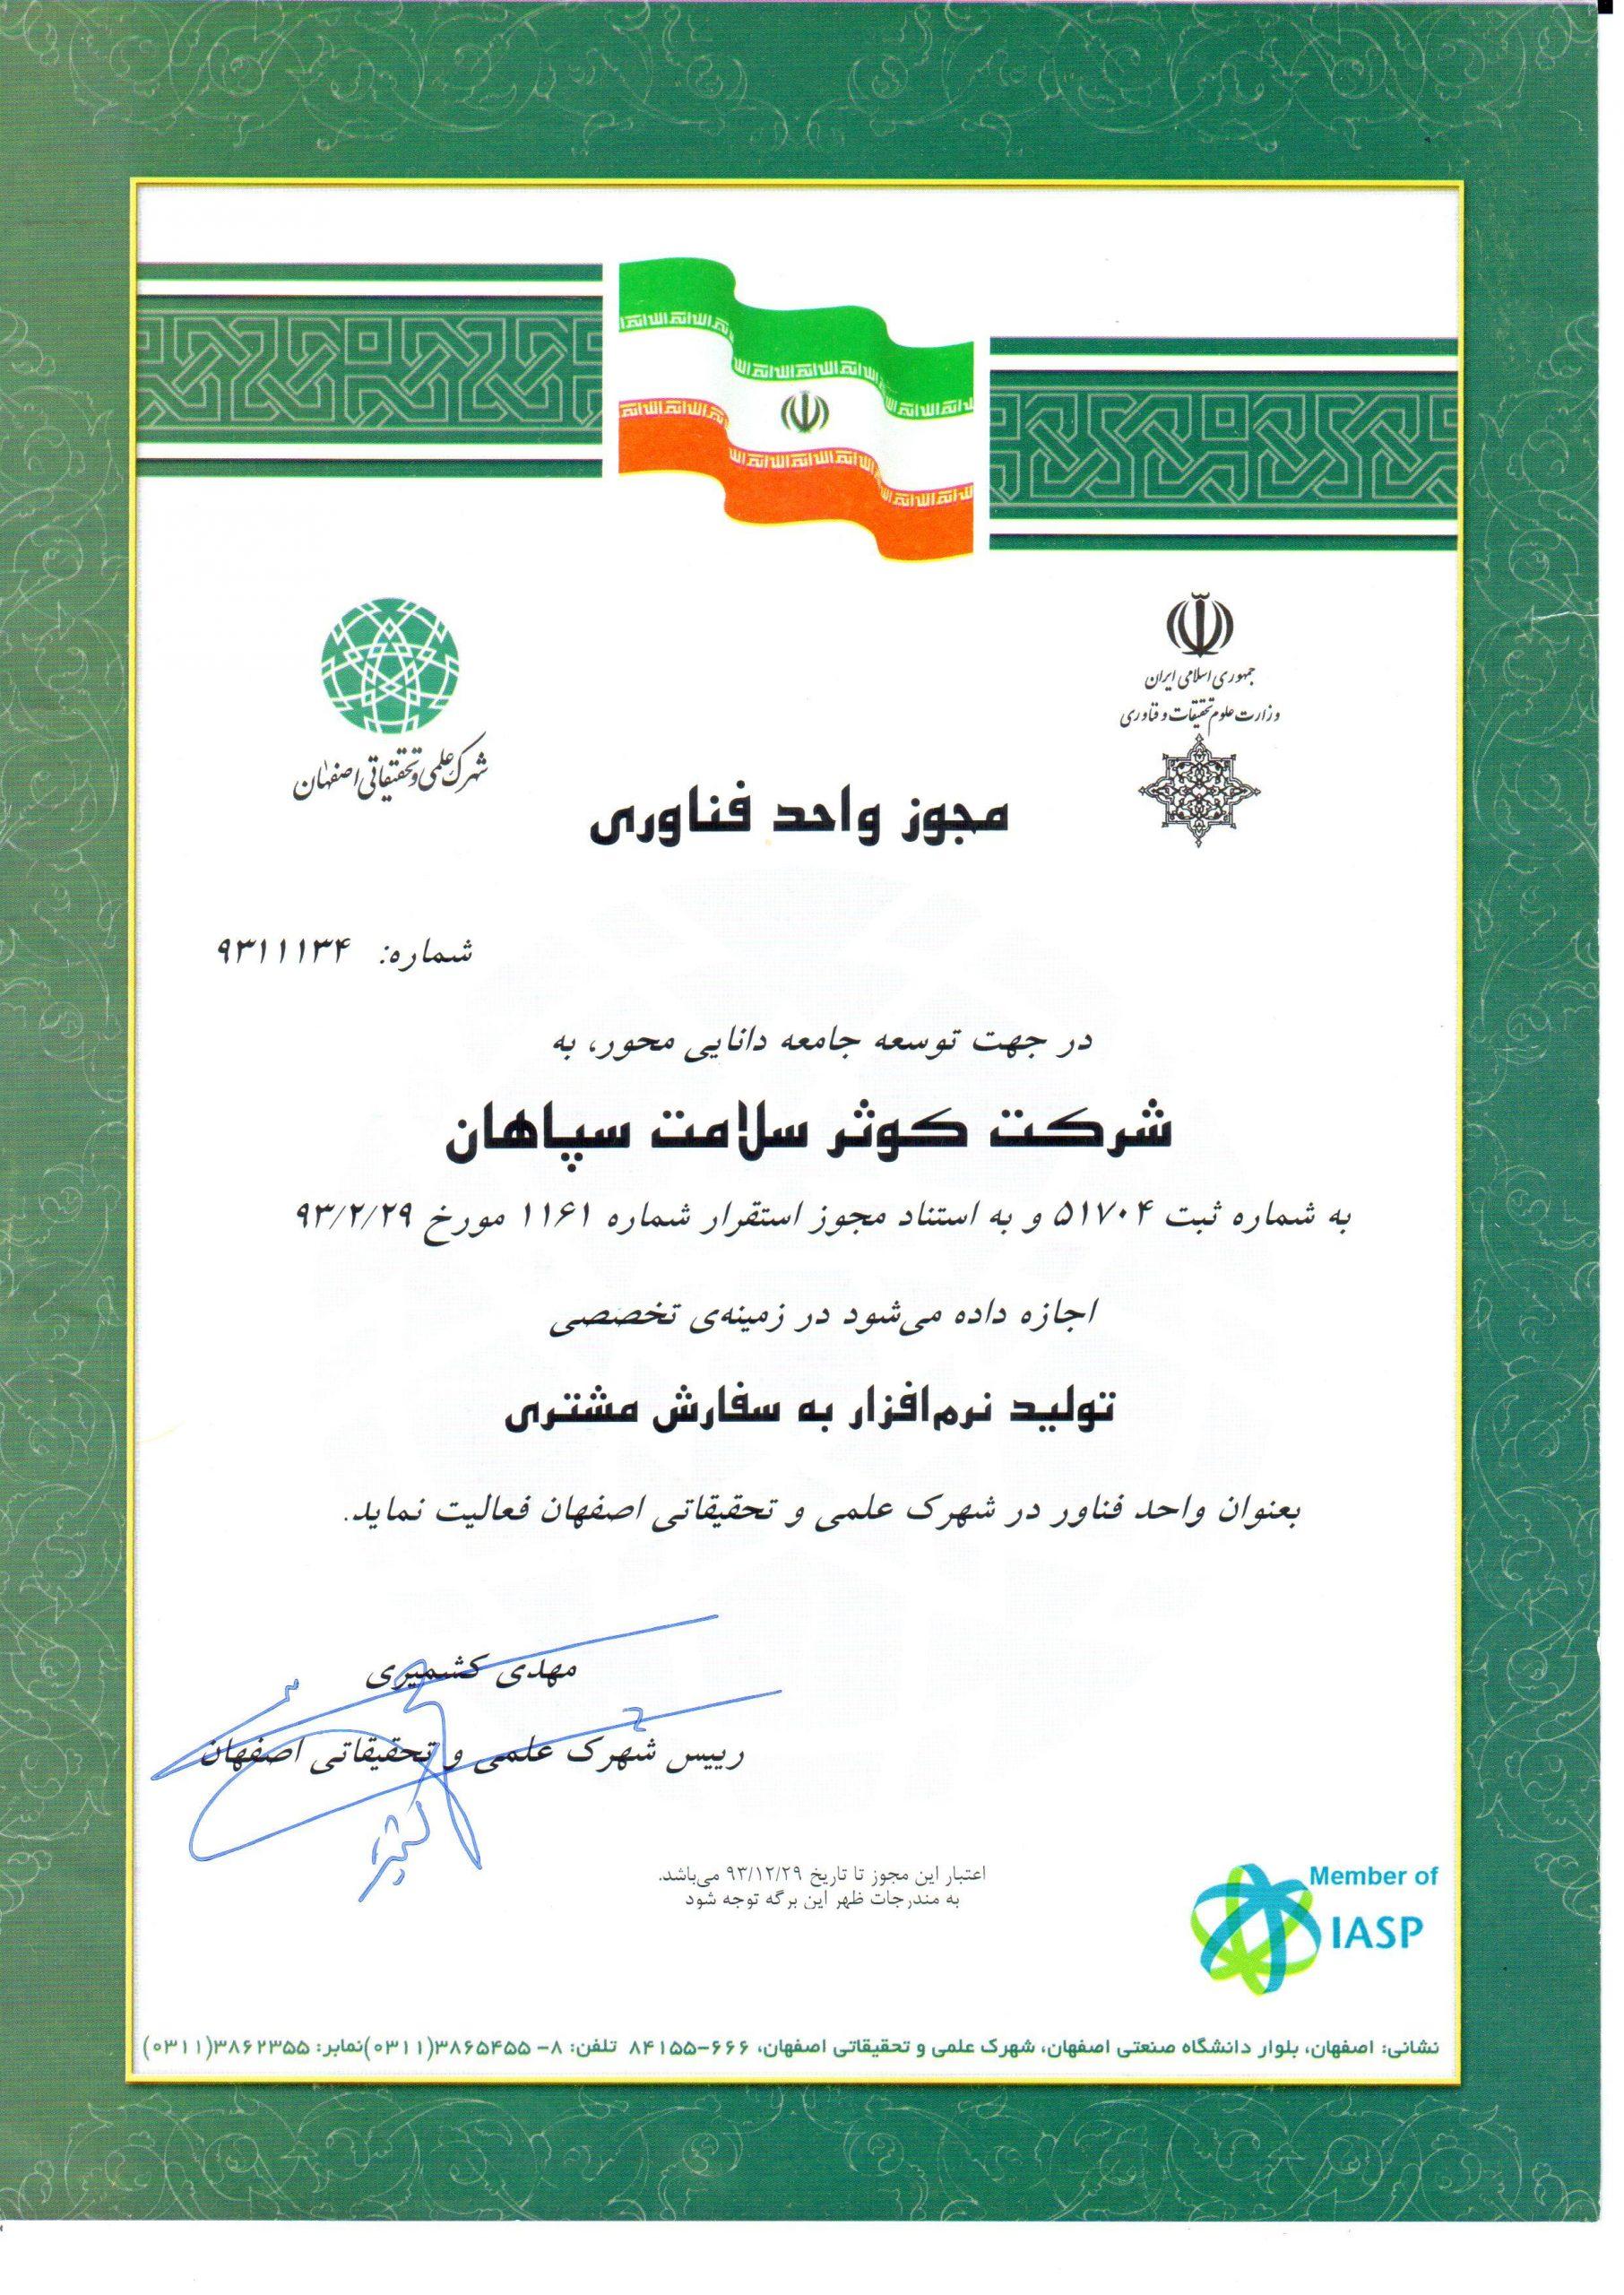 مجوز واحد فناوری در شهرک علمی و تحقیقاتی اصفهان